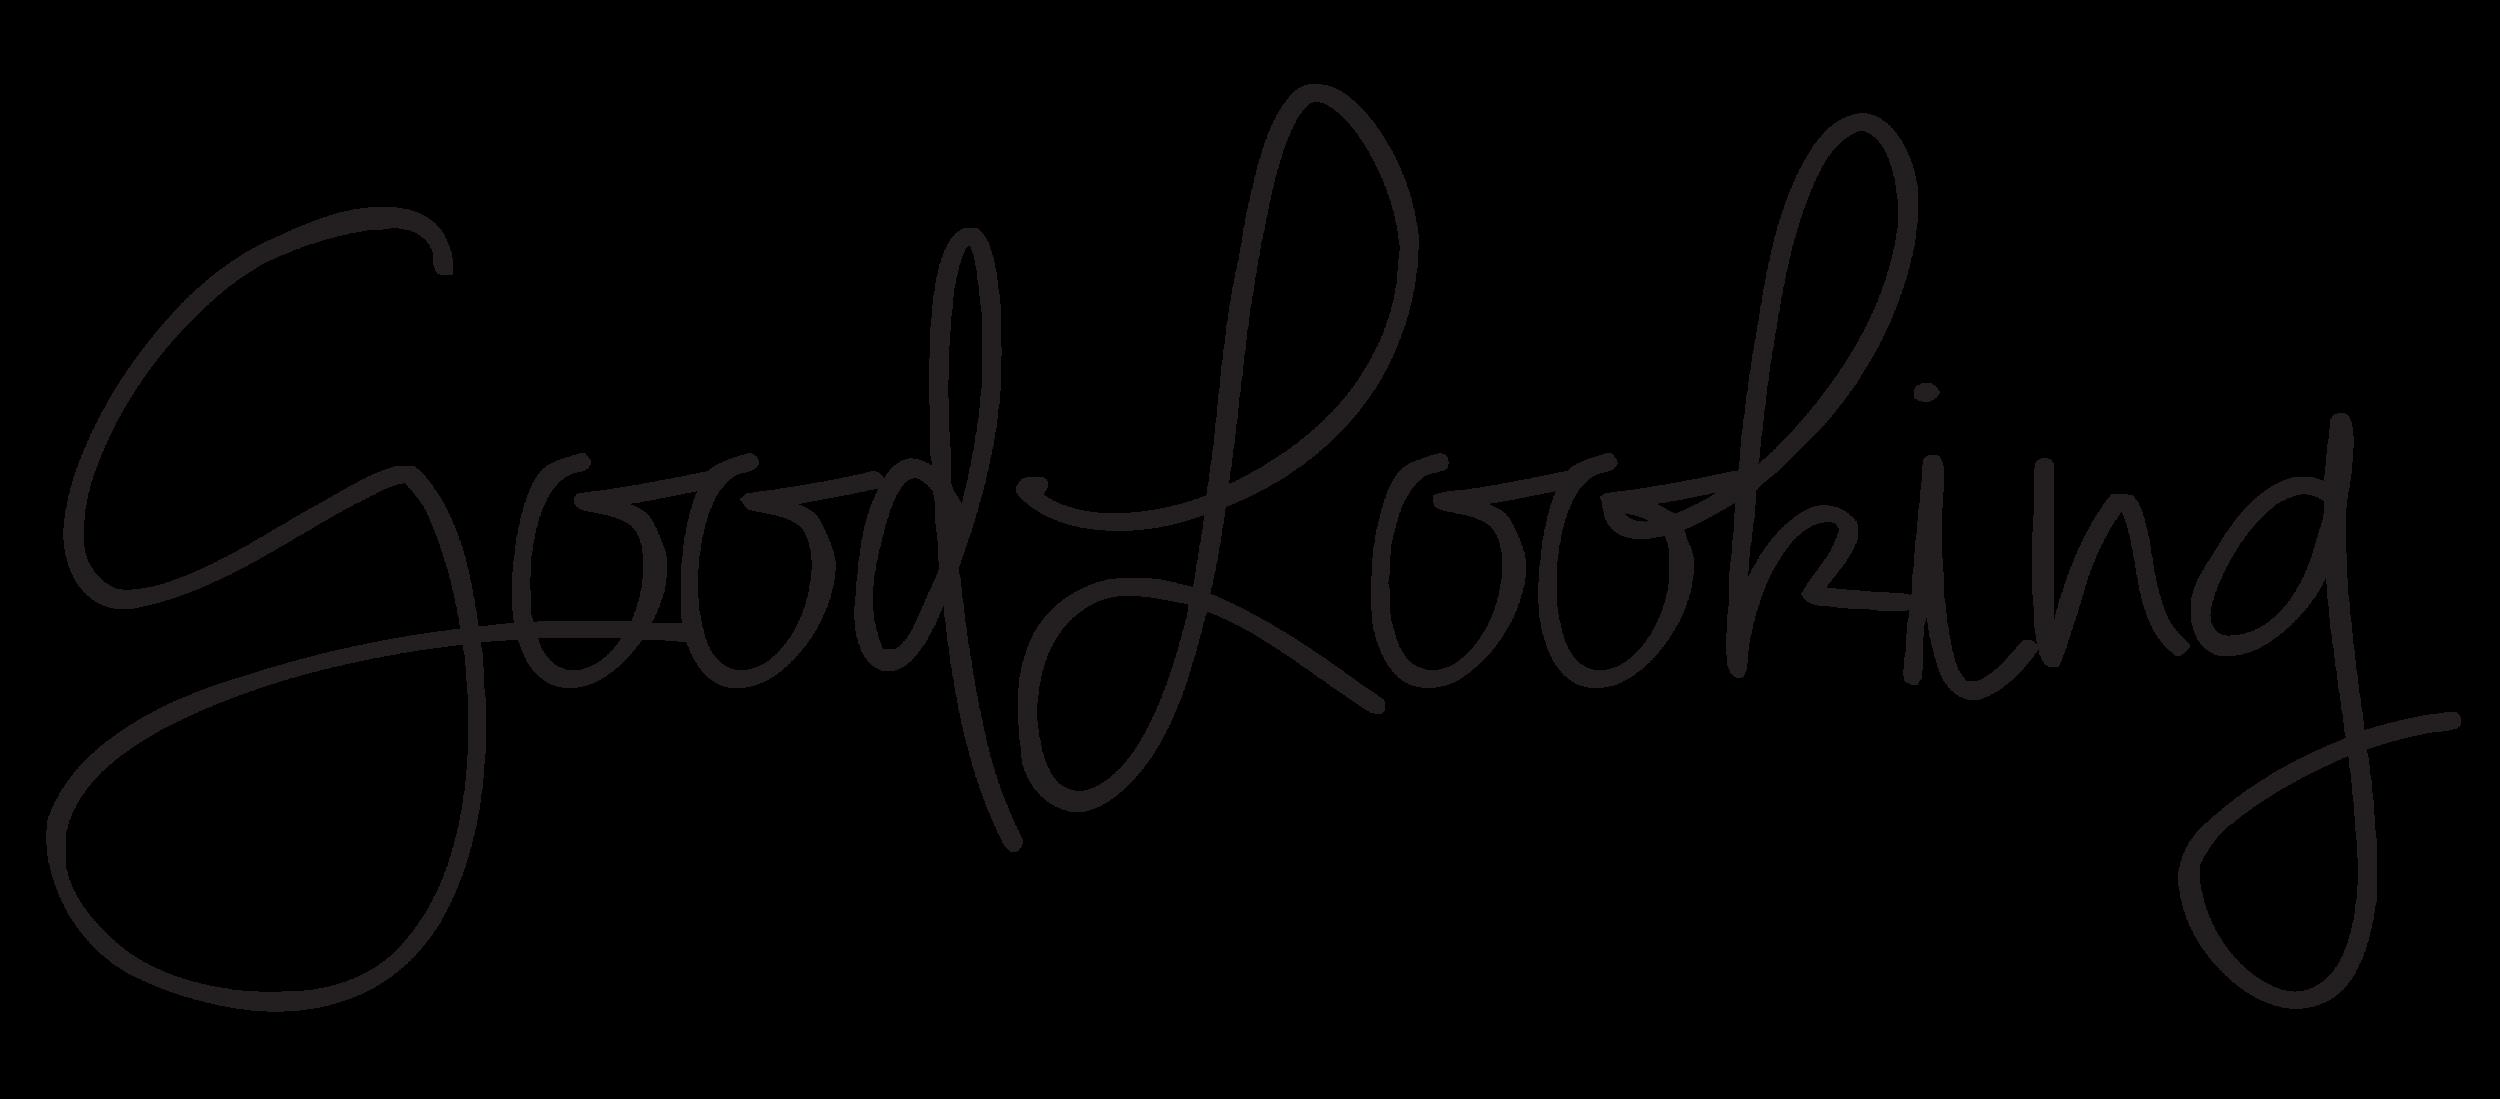 GoodLooking (transparent).png